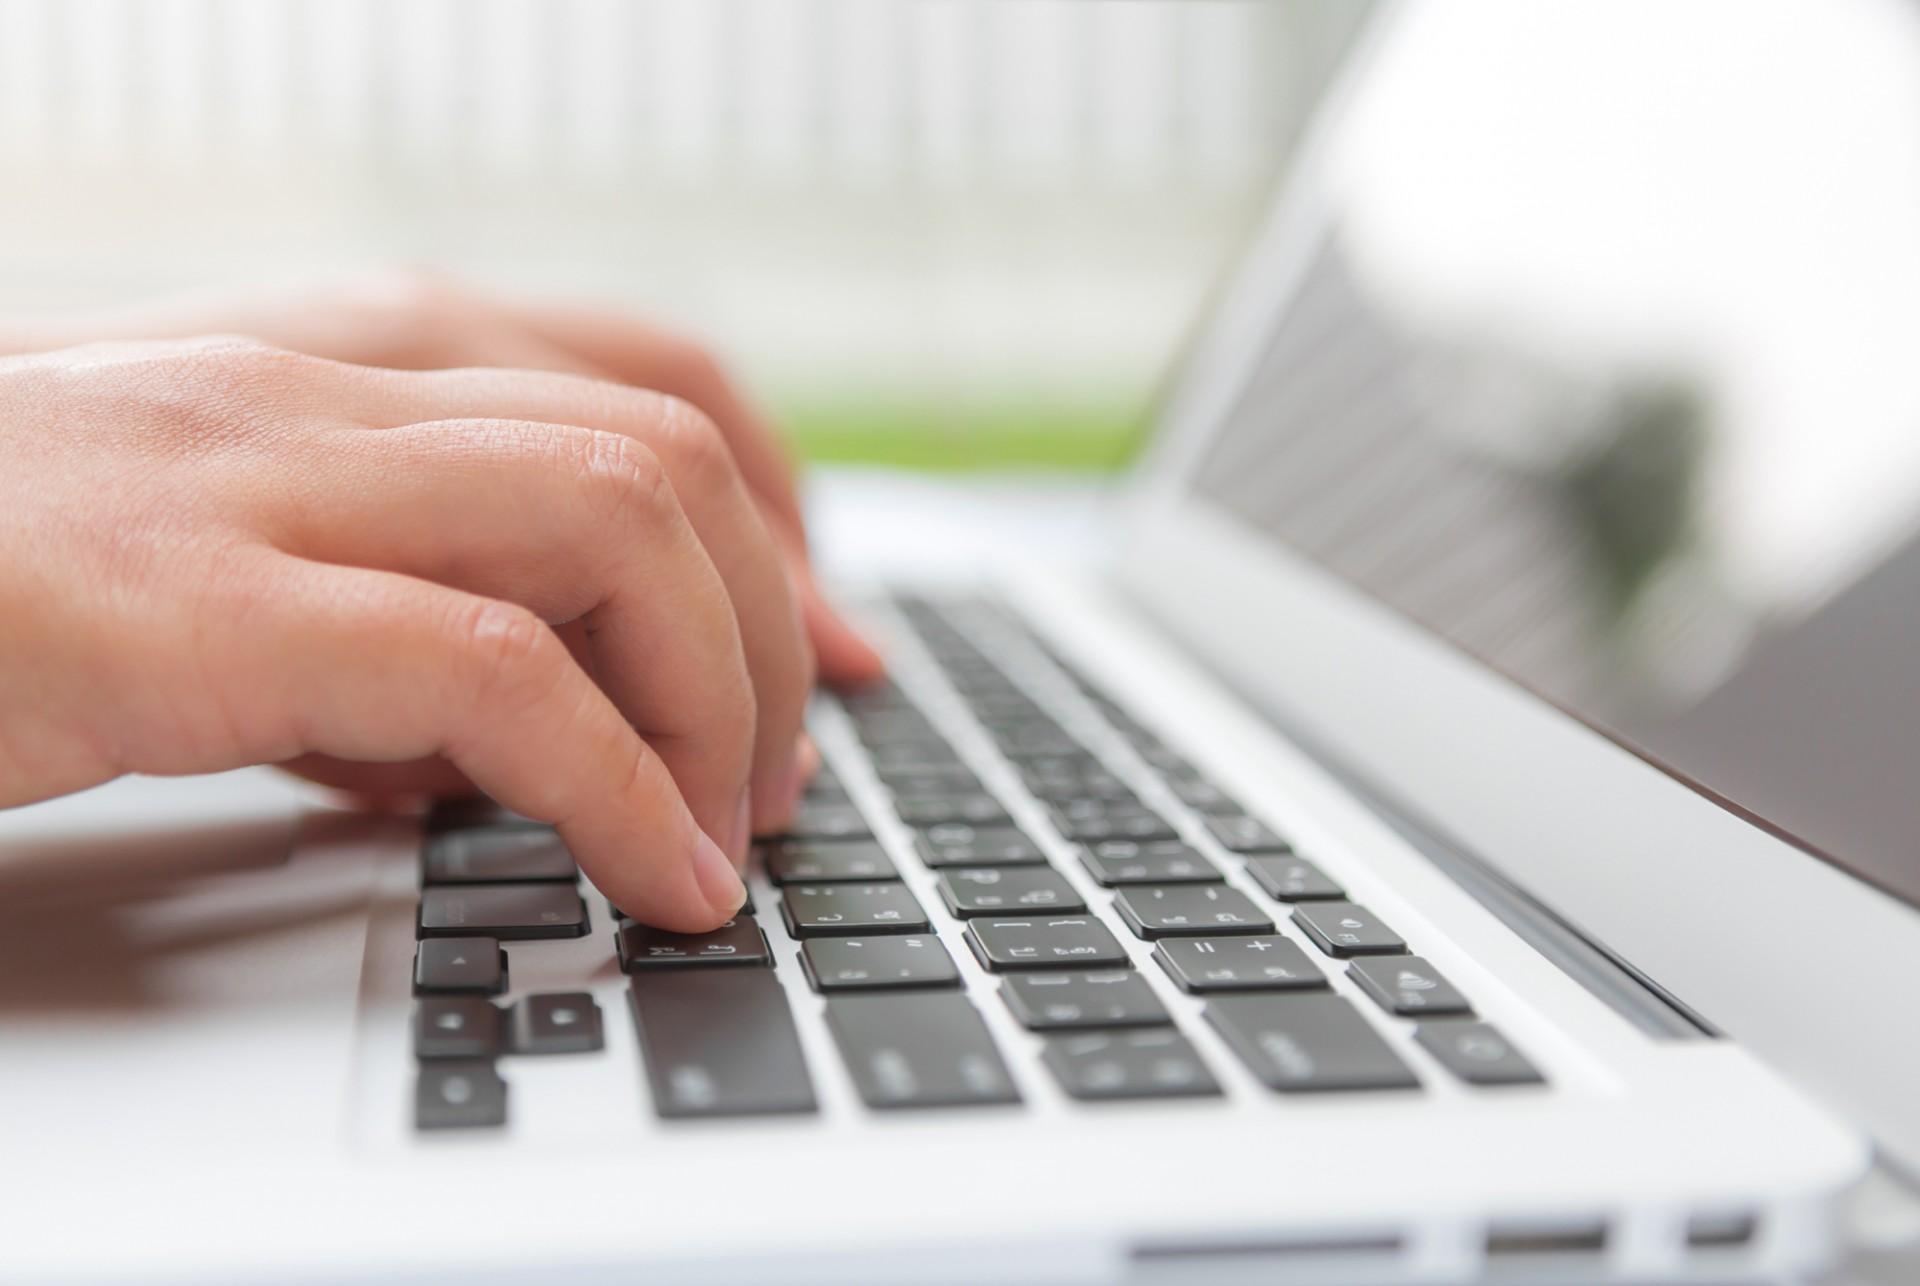 011 Essay Example Typing Shutterstock 213519097 Impressive Jobs Practice Service 1920